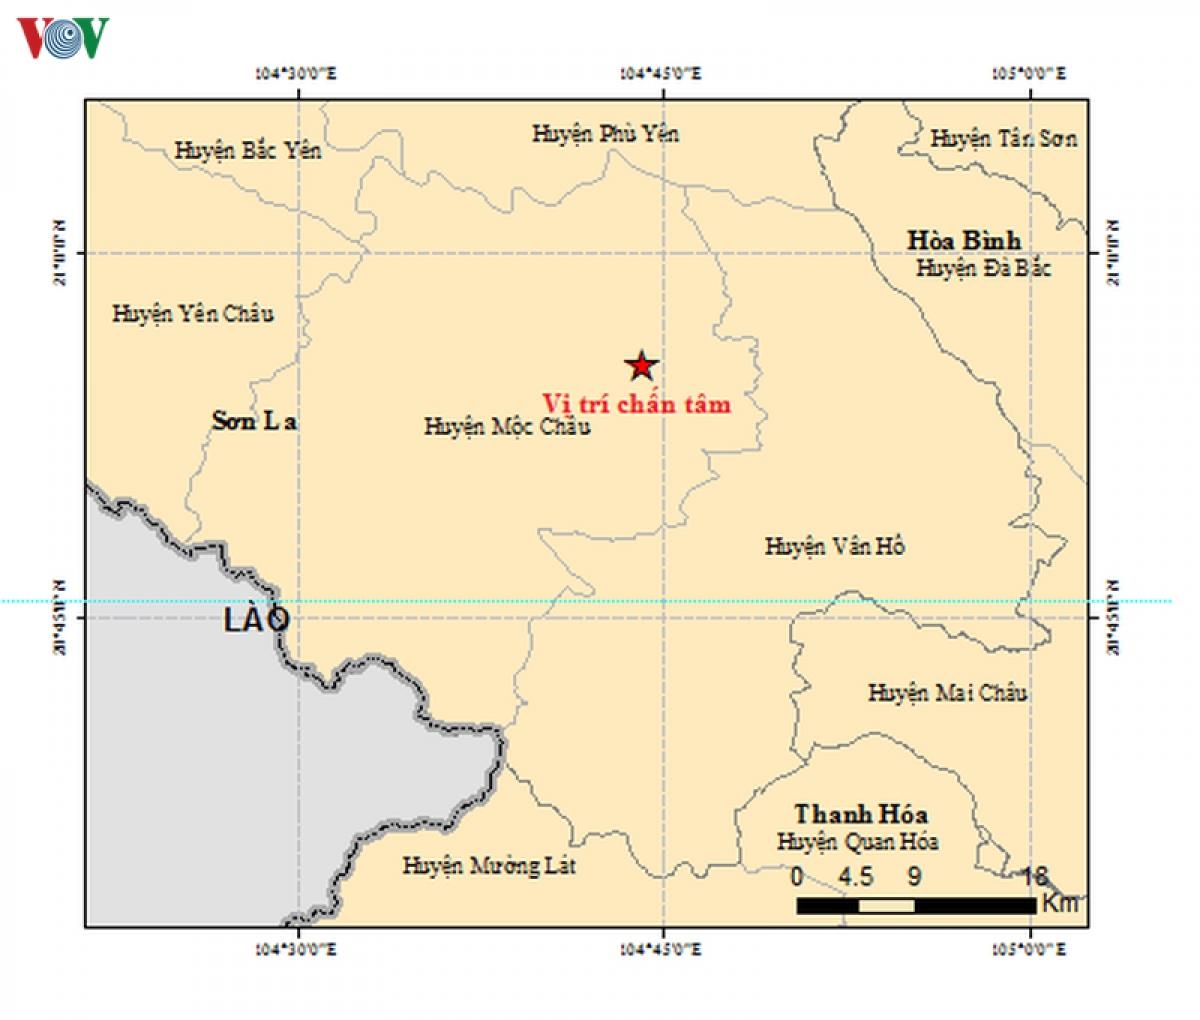 Khu vực xảy ra 2 trận động đất sáng nay 28-7 tại huyện Mộc Châu, tỉnh Sơn La (Ảnh Viện Vật lý địa cầu).